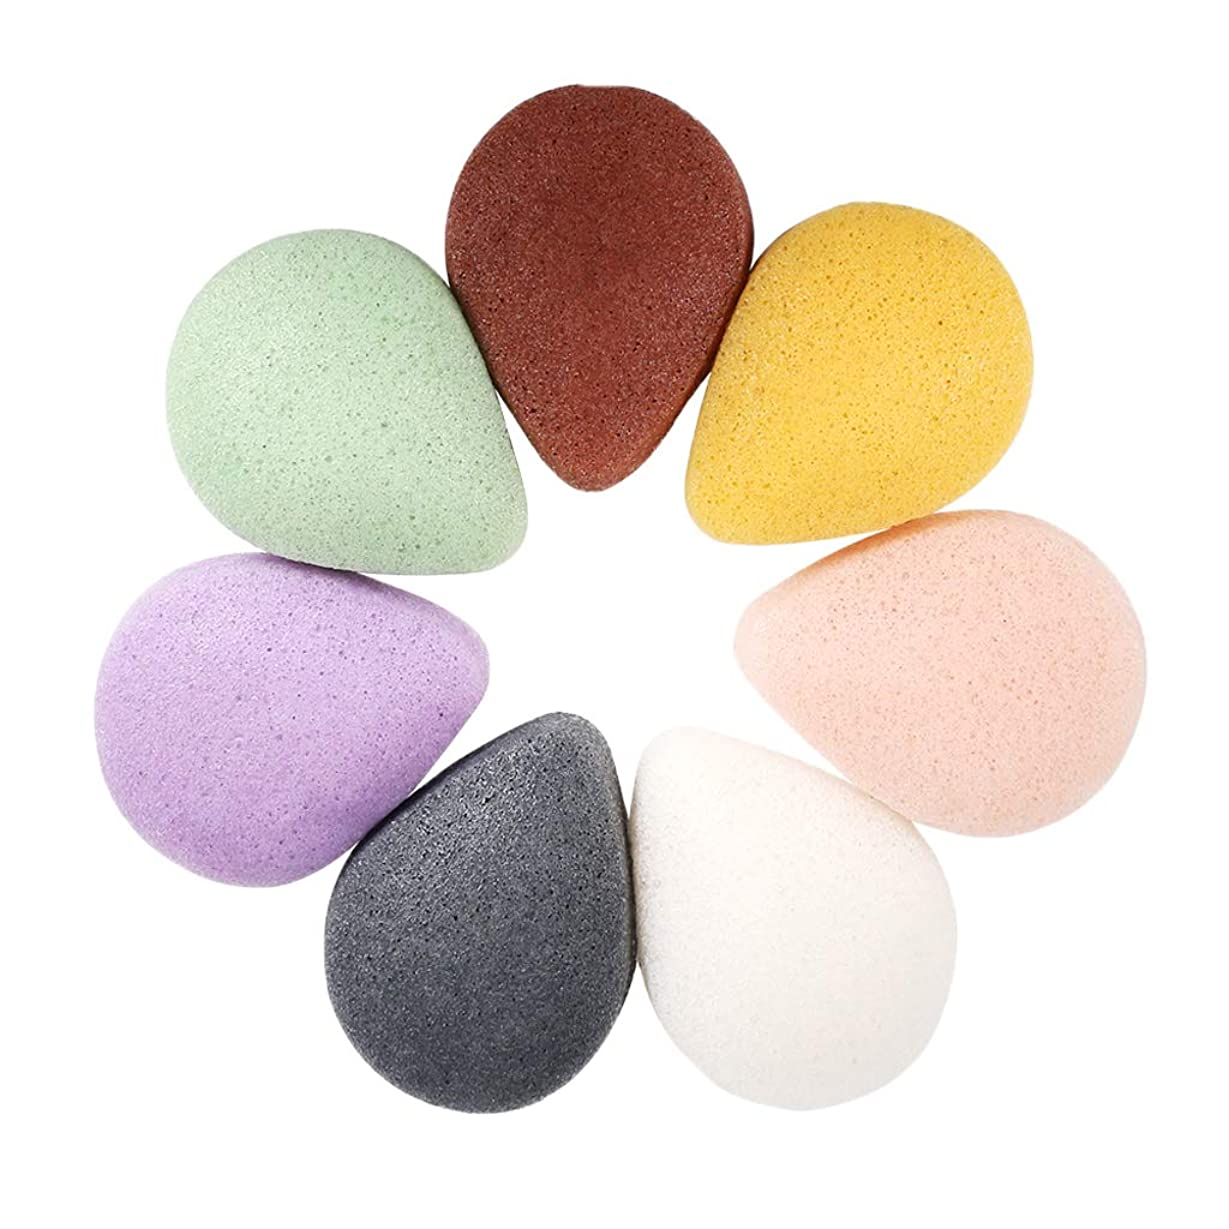 構造的剥ぎ取る支援するFLAMEER 5個 コンニャク クレンジングスポンジ フェイシャル 顔洗い パッド 2サイズ選べ - 楕円形